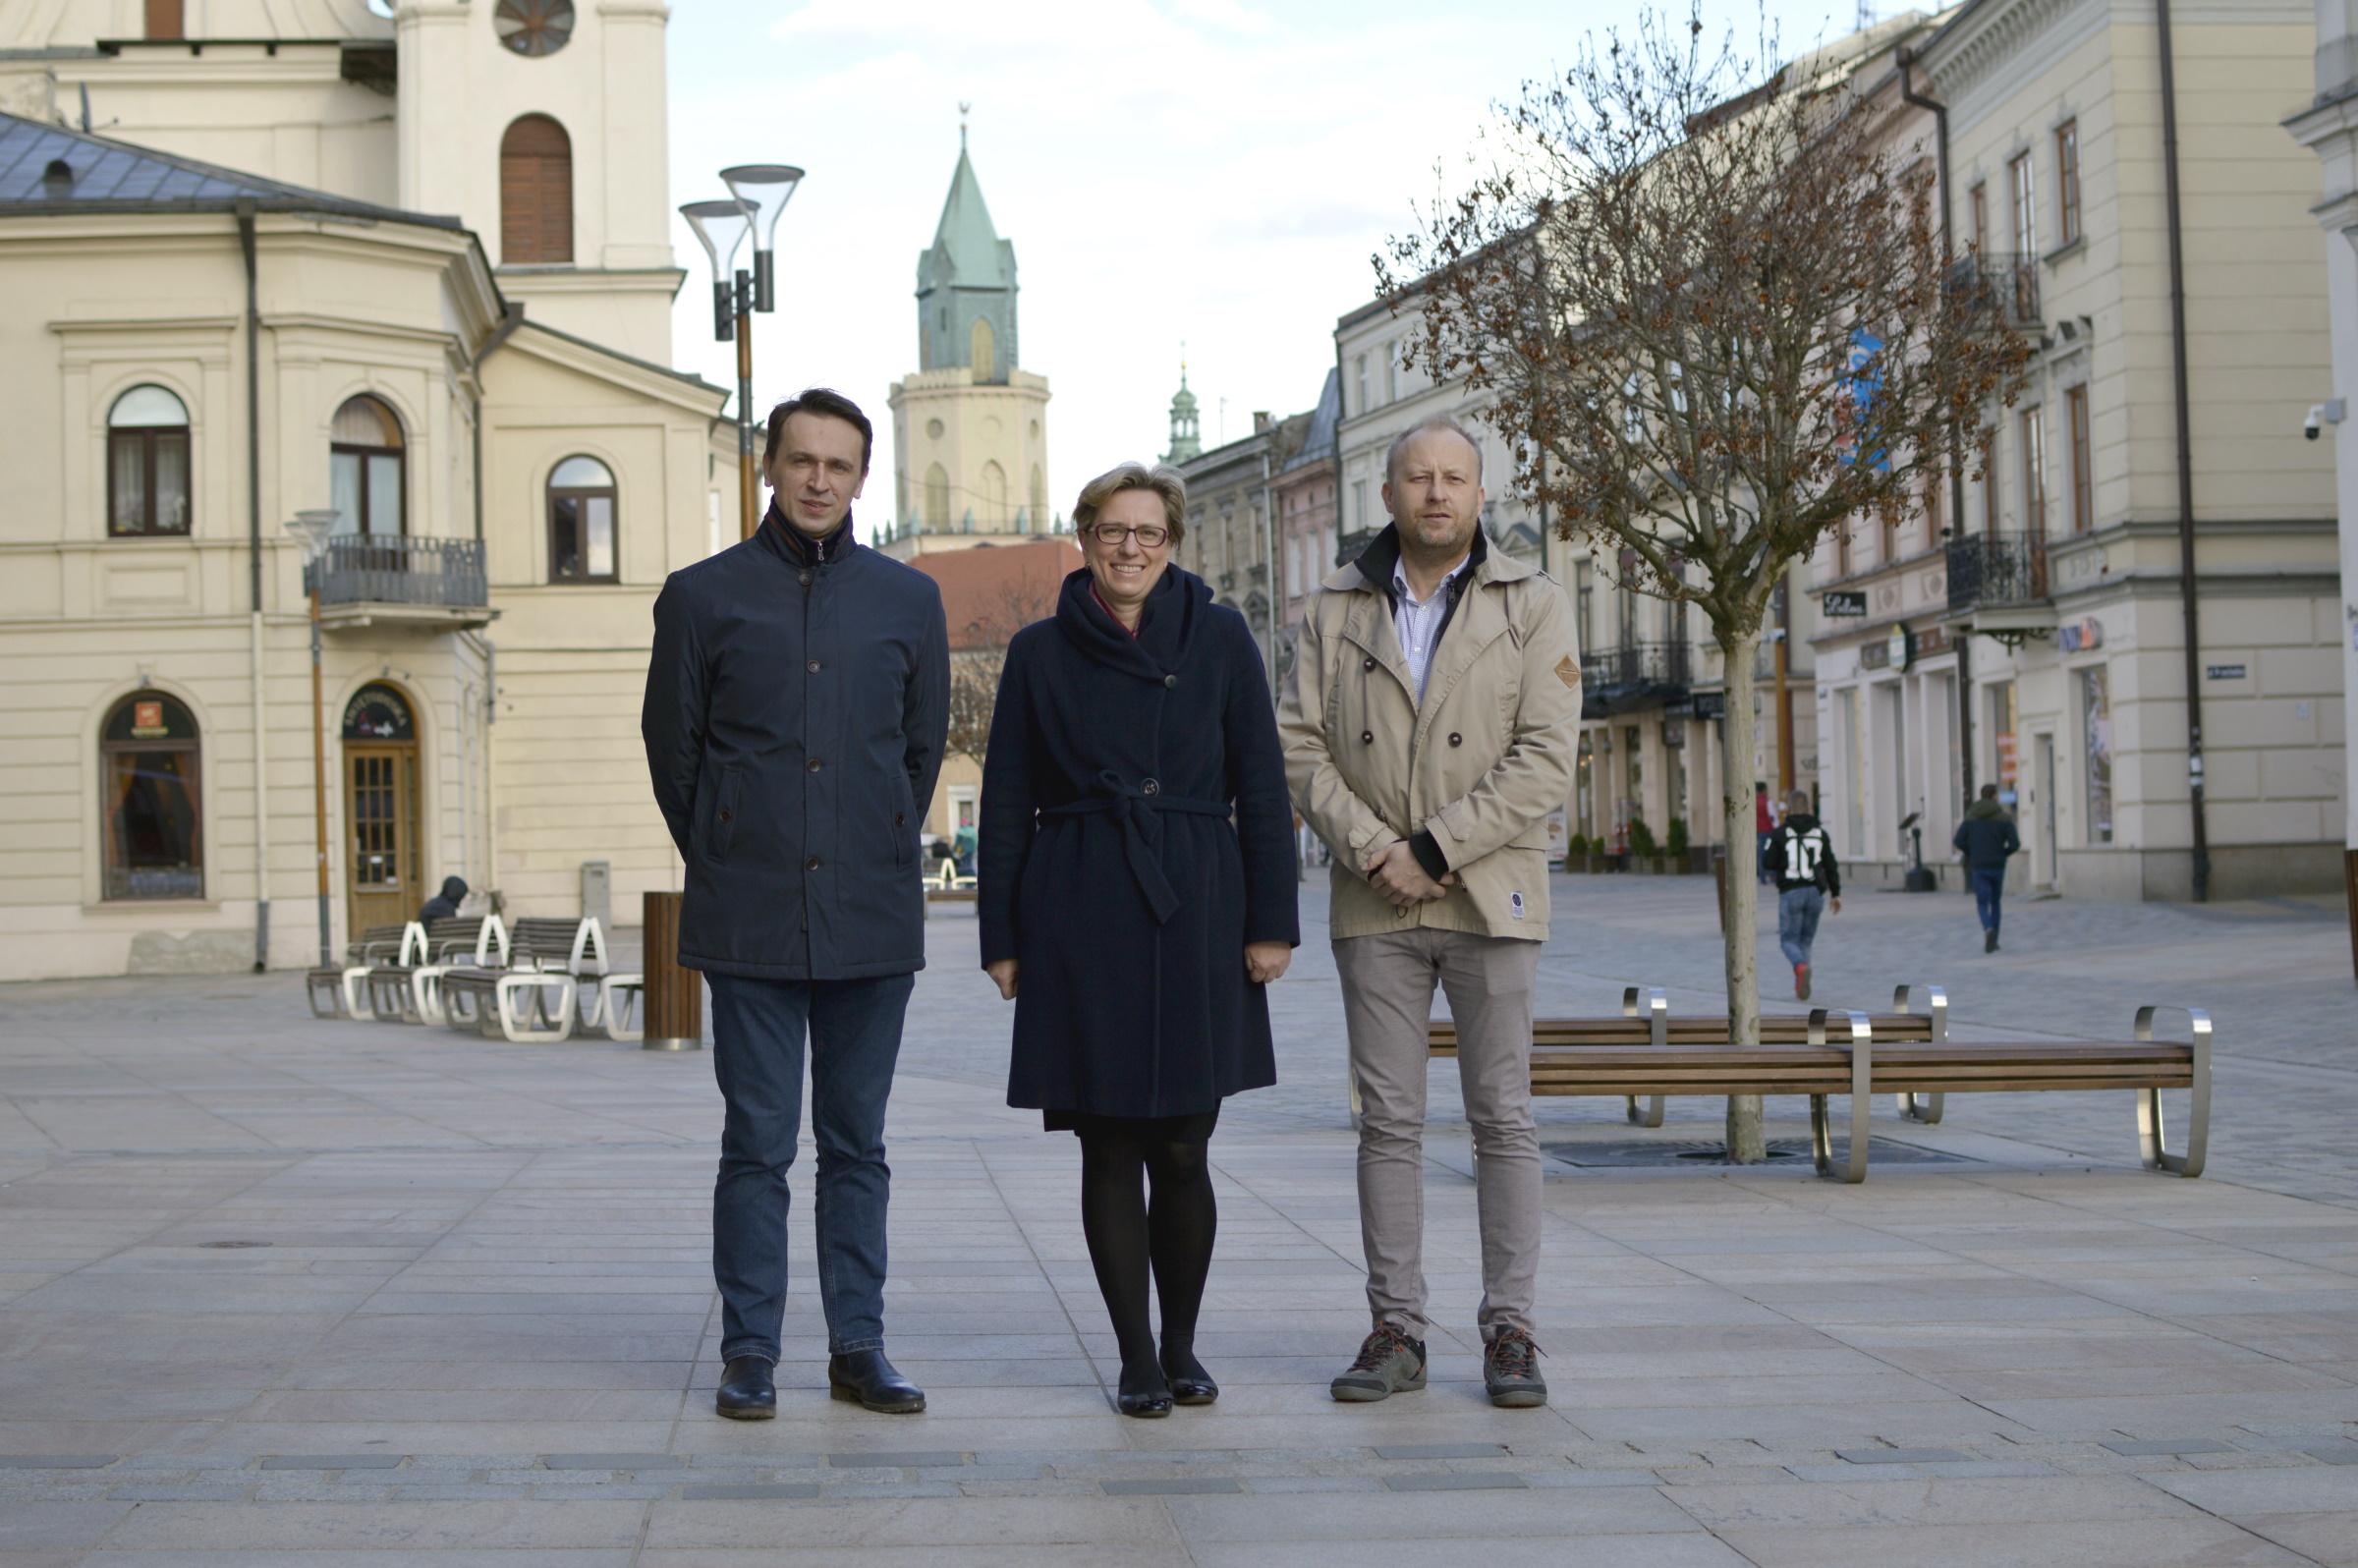 Fundacja Wolności w z Lublina ma nową Radę. Będzie kontrolować i wskazywać kierunki działania  - Zdjęcie główne